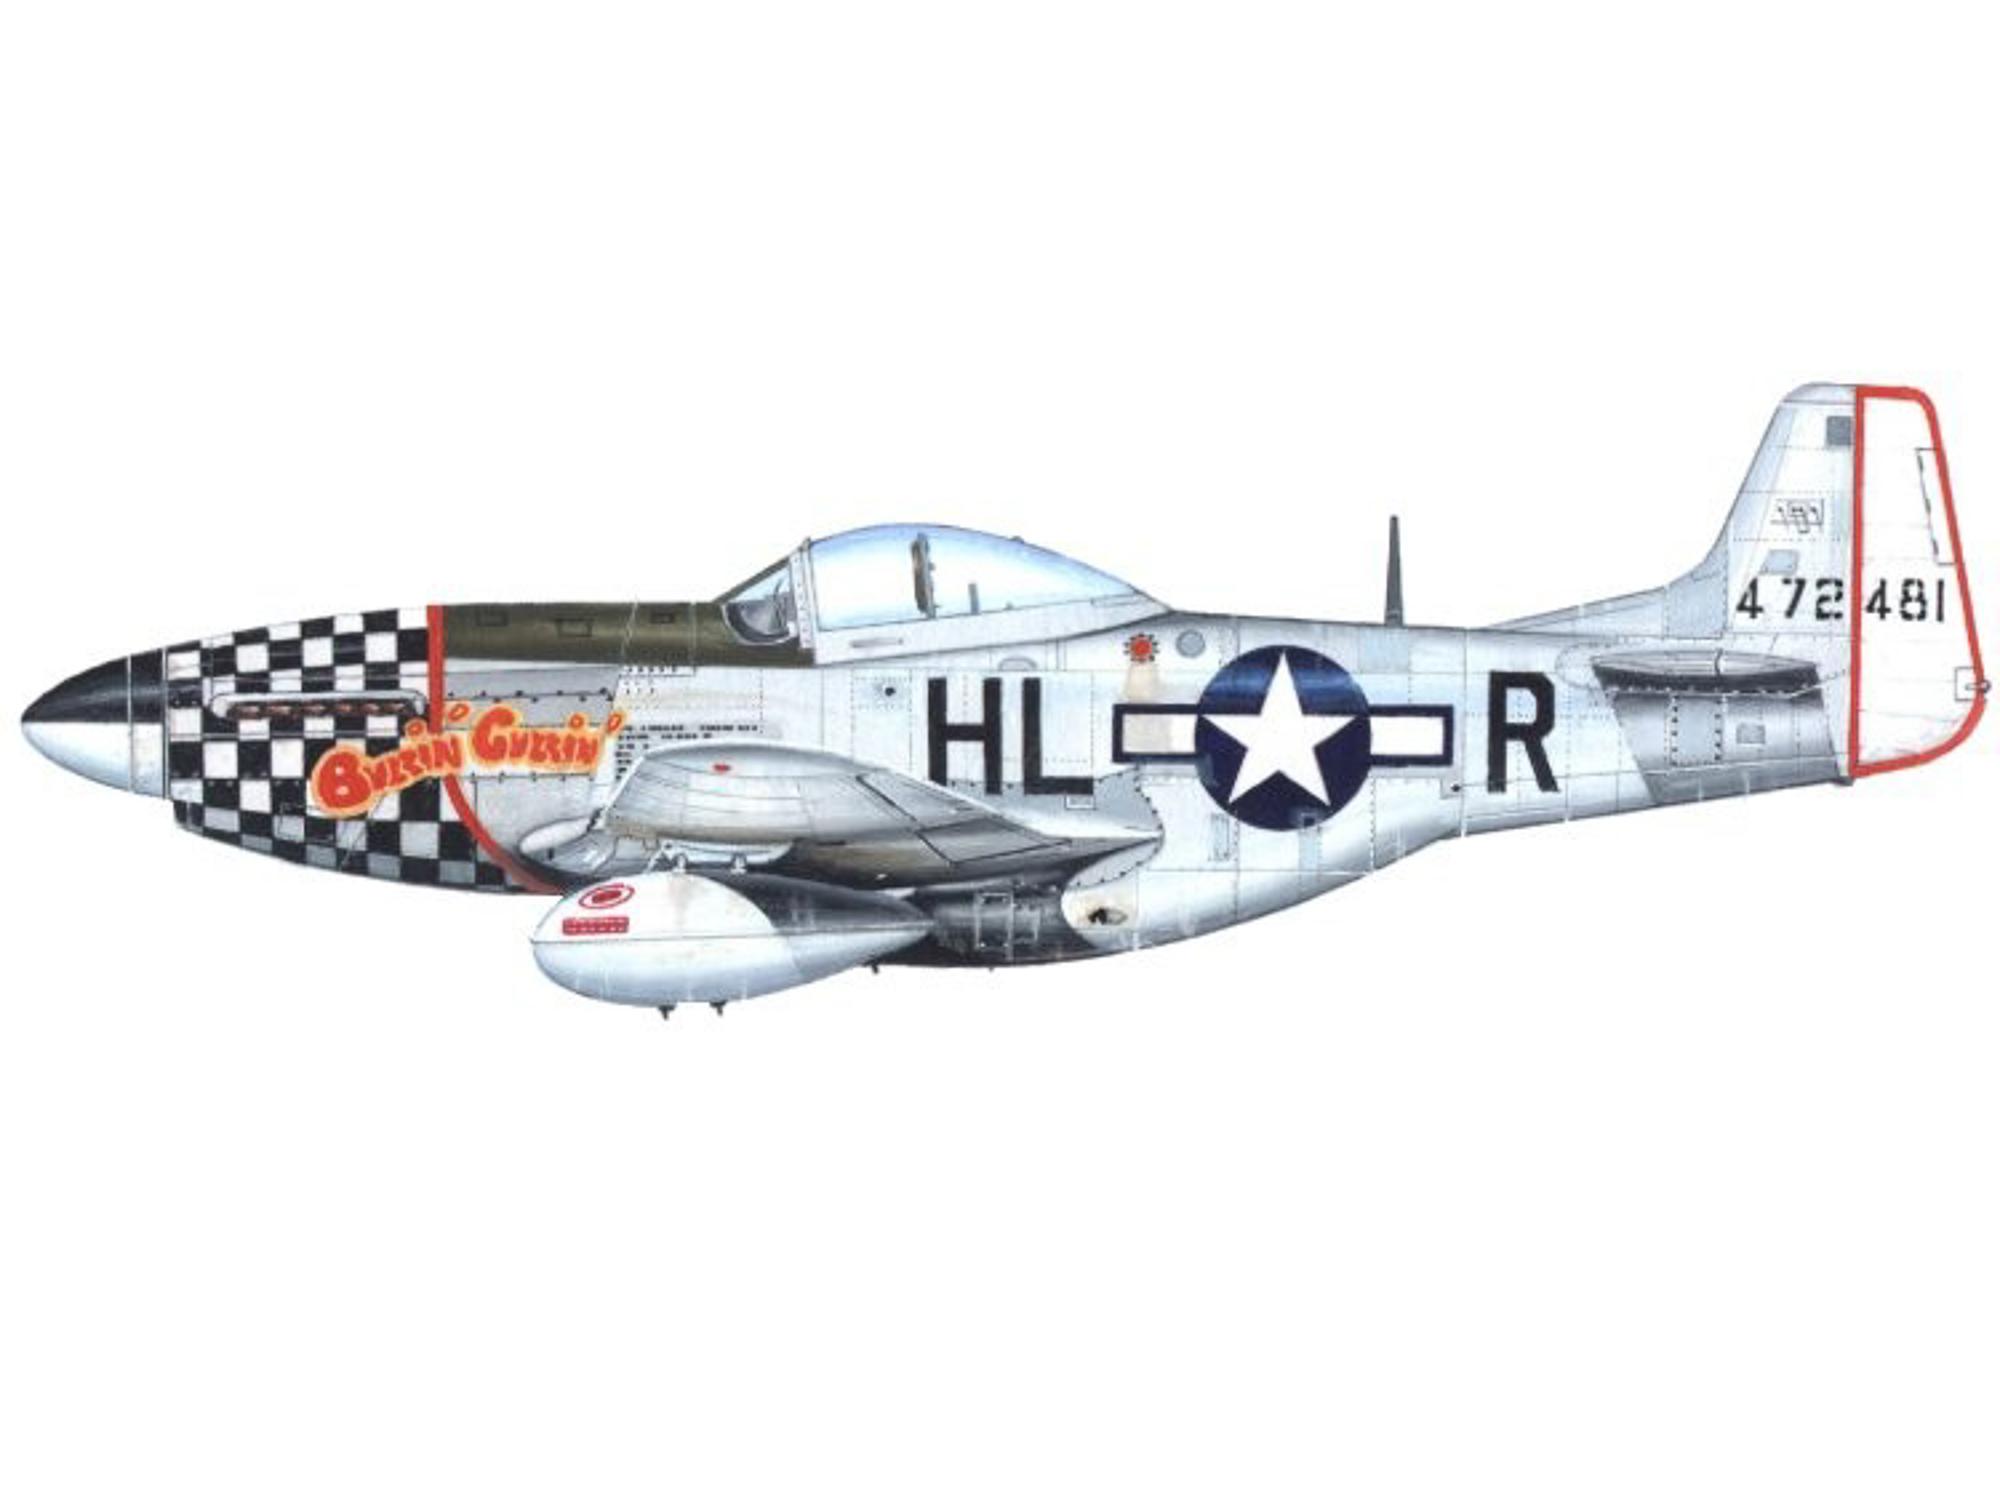 P-51D – Buzzin Cuzzin – 44-72481